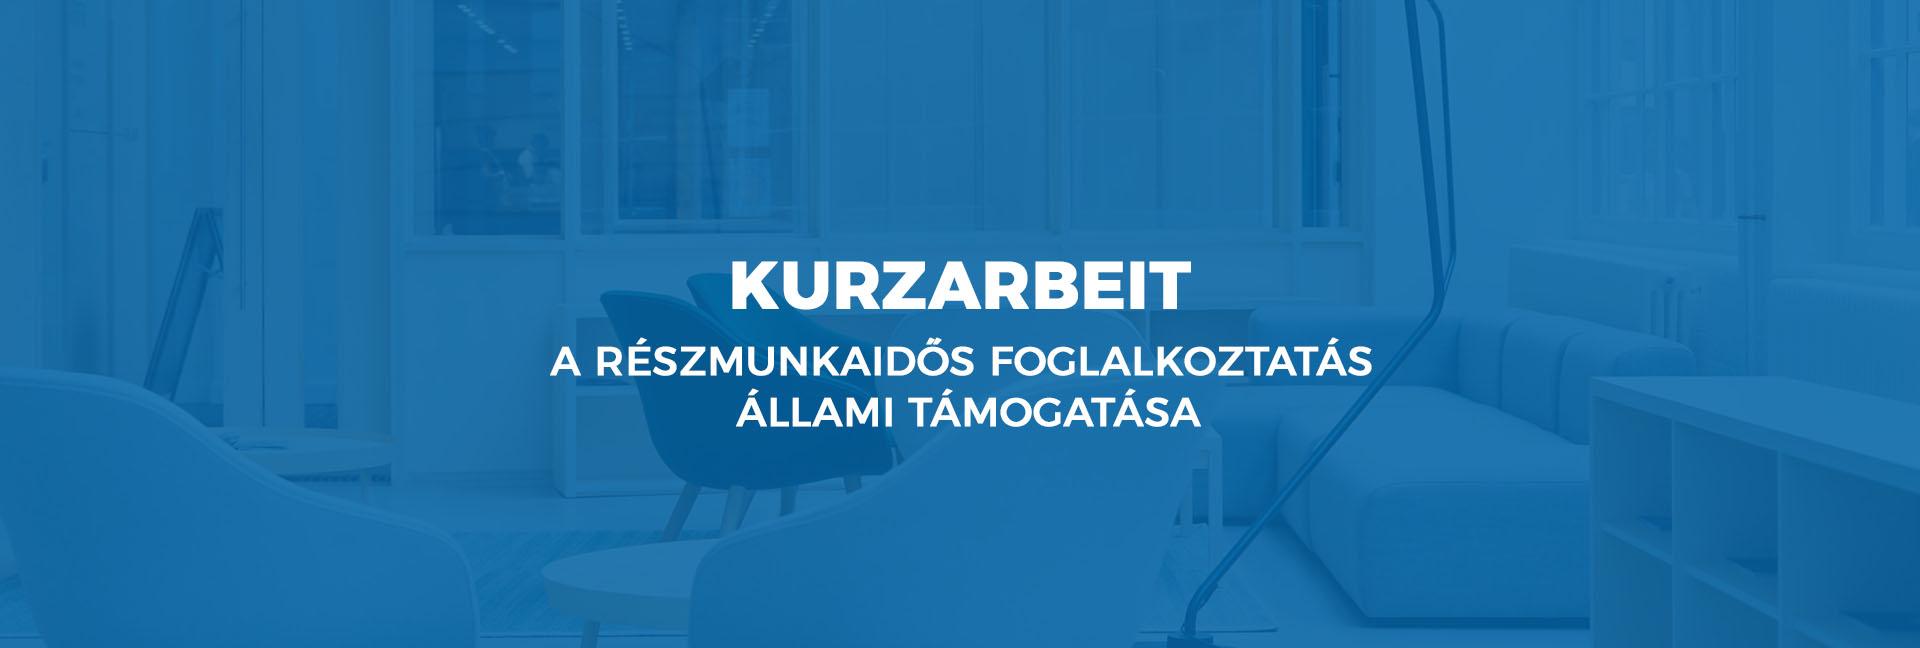 Kurzarbeit – a részmunkaidős foglalkoztatás állami támogatása